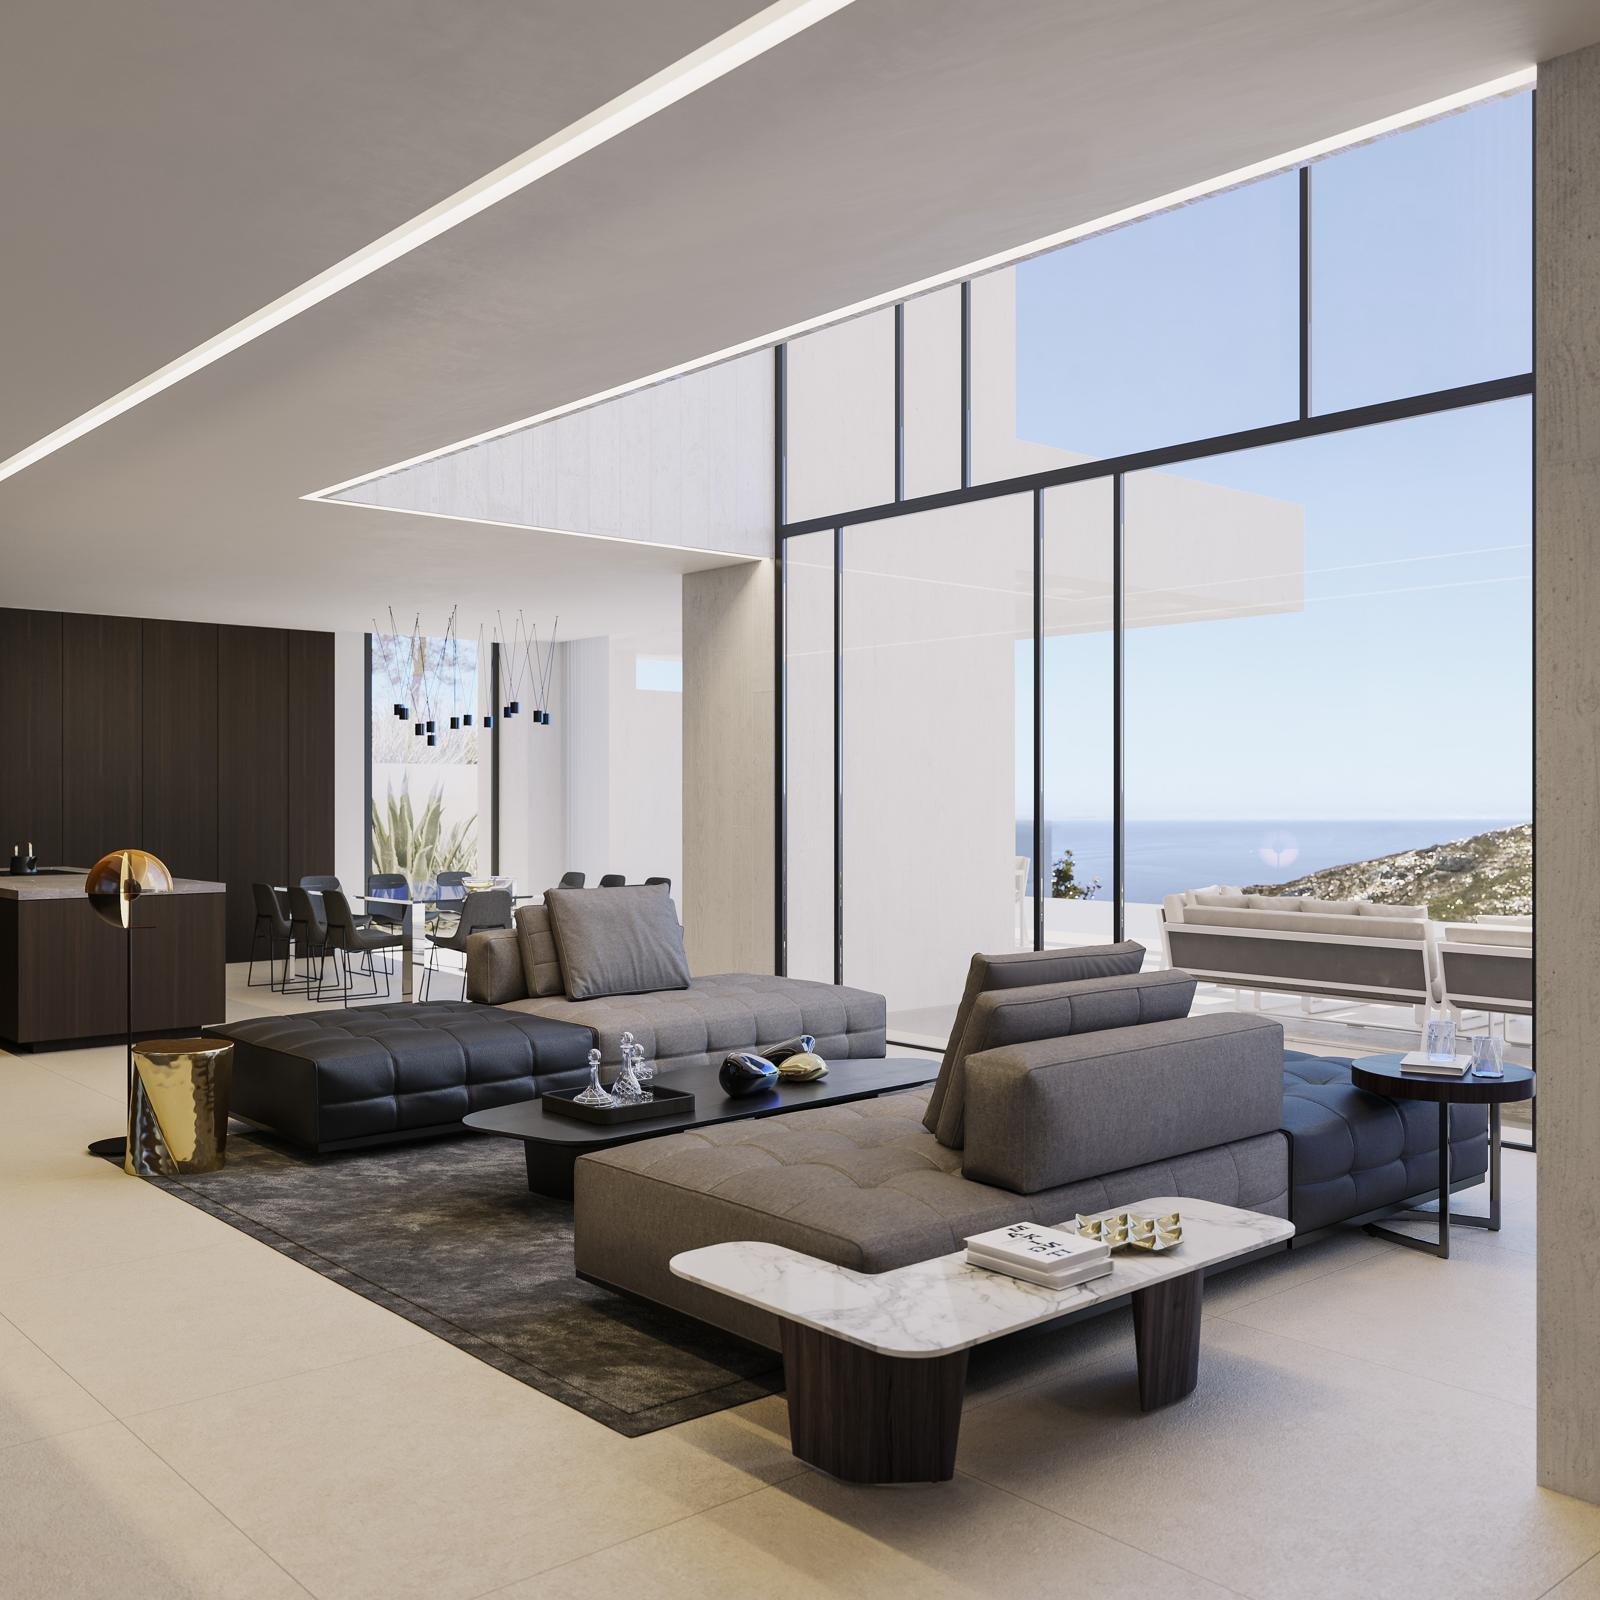 Projecto con Licencia de Villa de Lujo Moderno a la Venta en La Granadella - Javea - Costa Blanca